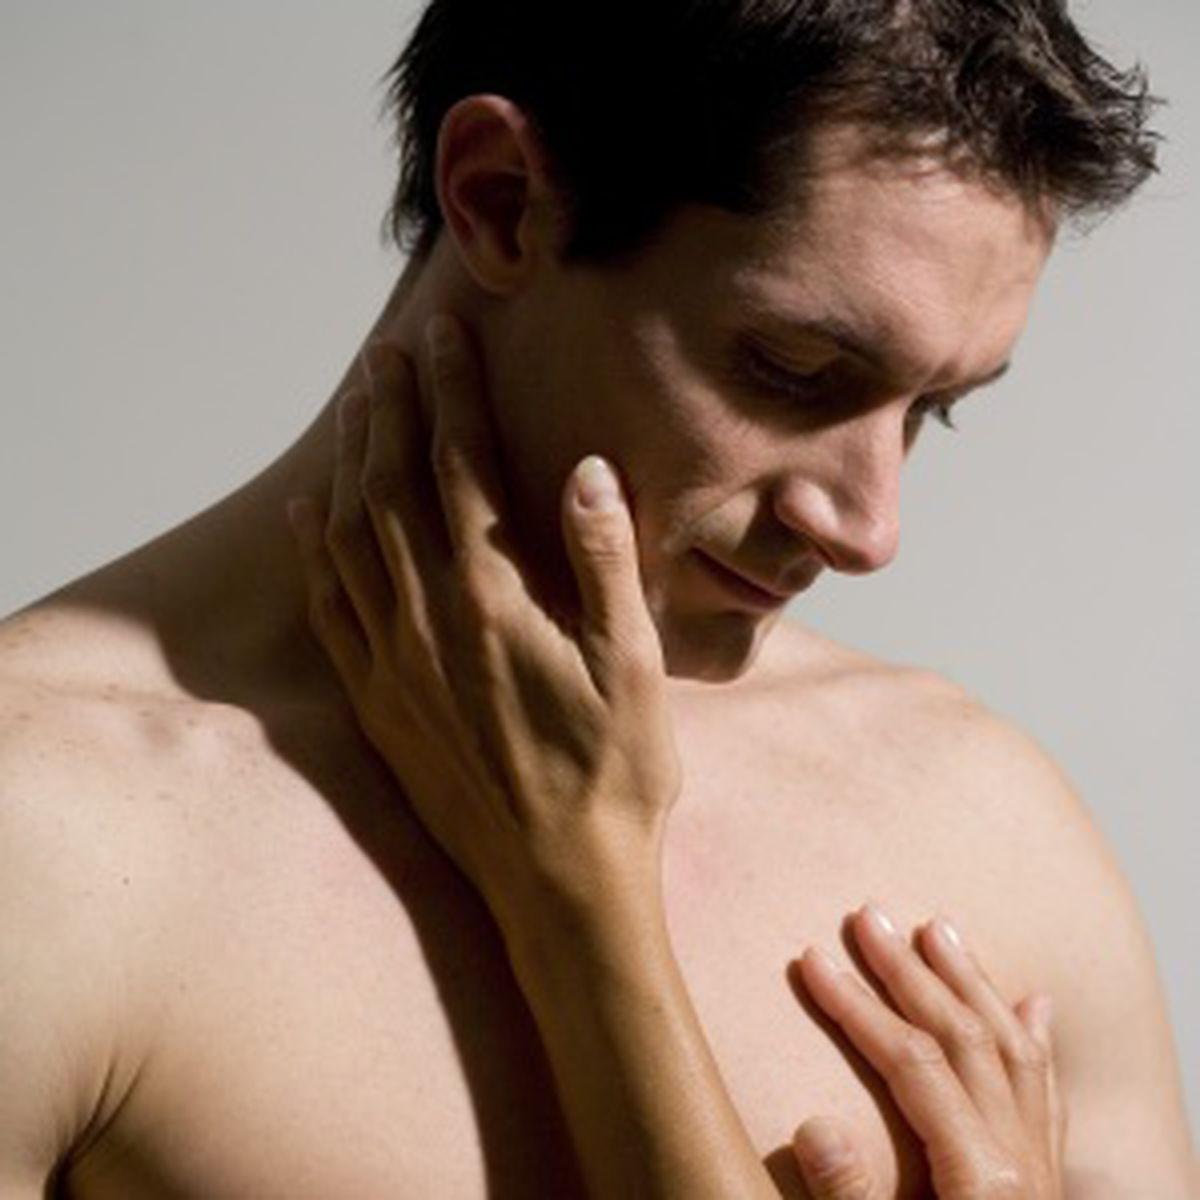 erecție crescută în timpul actului sexual ce trebuie făcut pentru a evita o erecție